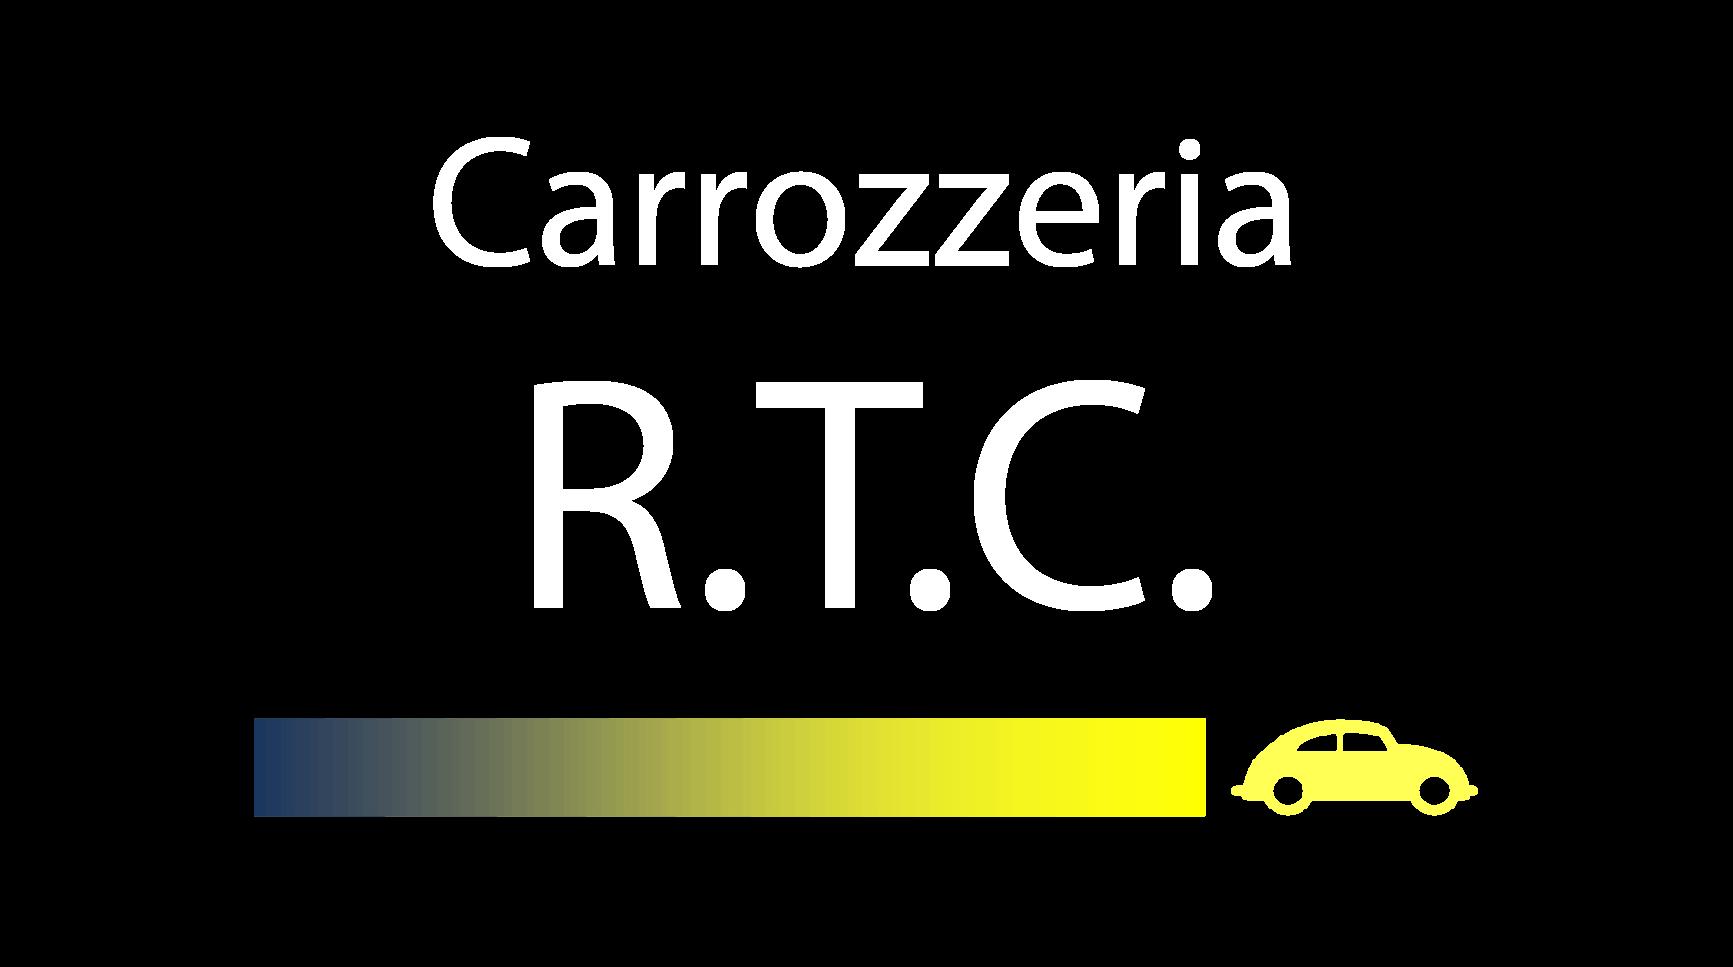 Carrozzeria RTC